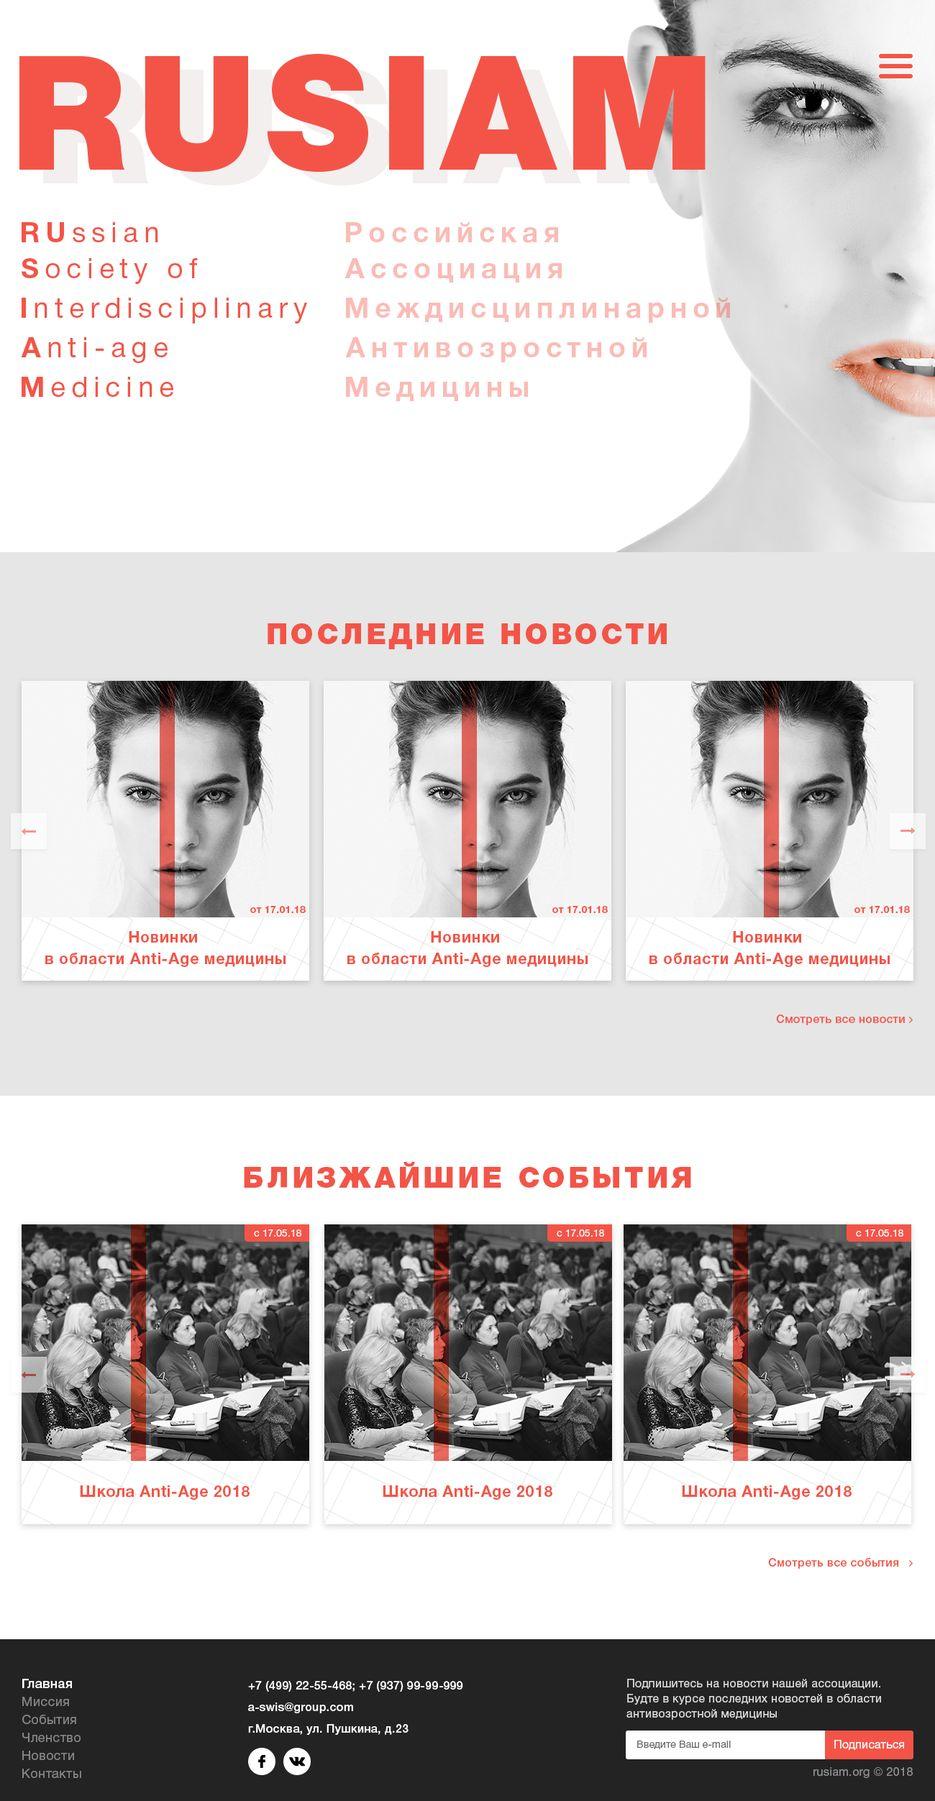 Всероссийская ассоциация фрилансеров нижнекамск удаленная работа